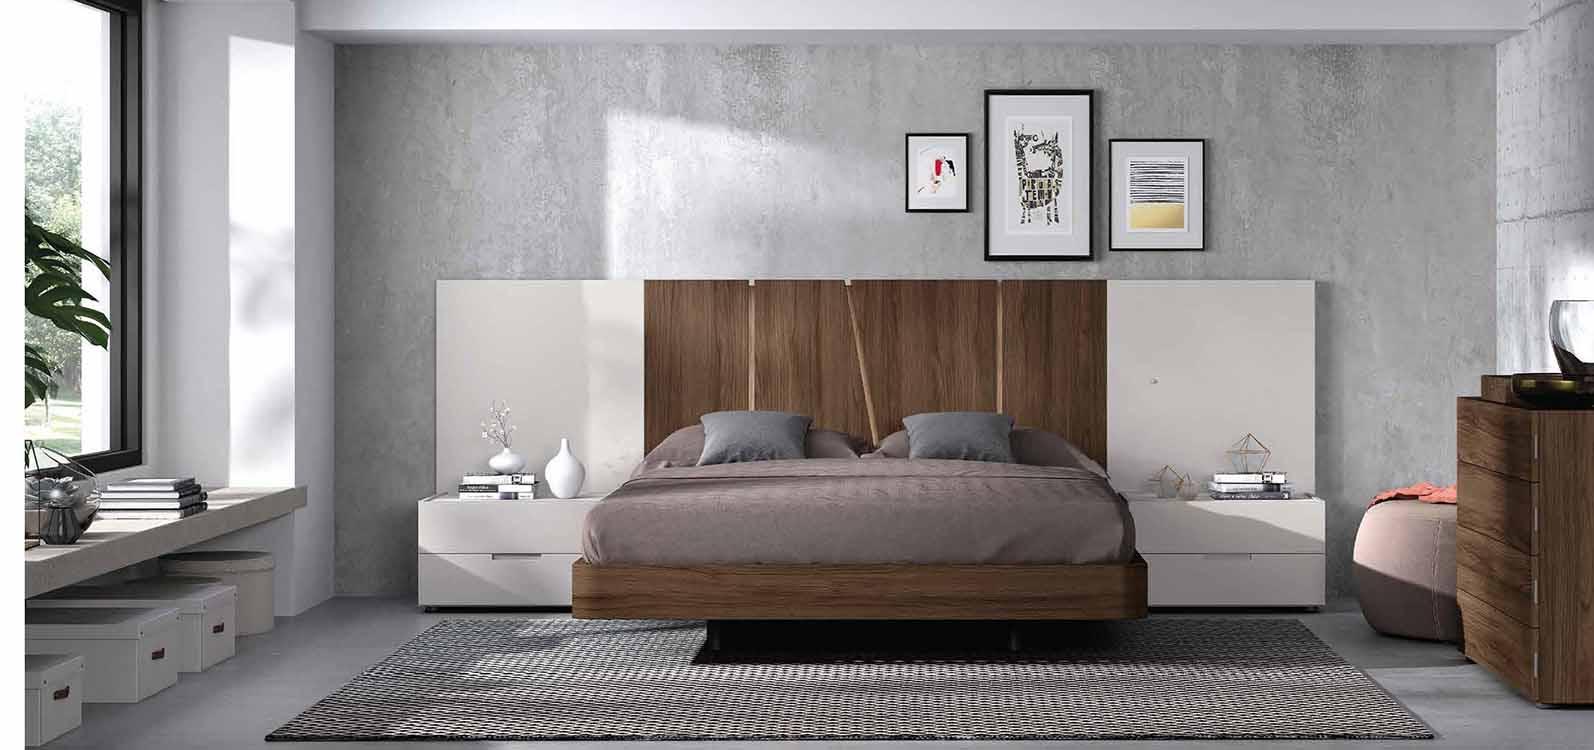 http://www.munozmuebles.net/nueva/catalogo/dormitorios-actuales.html - Mueble  estilo clásico